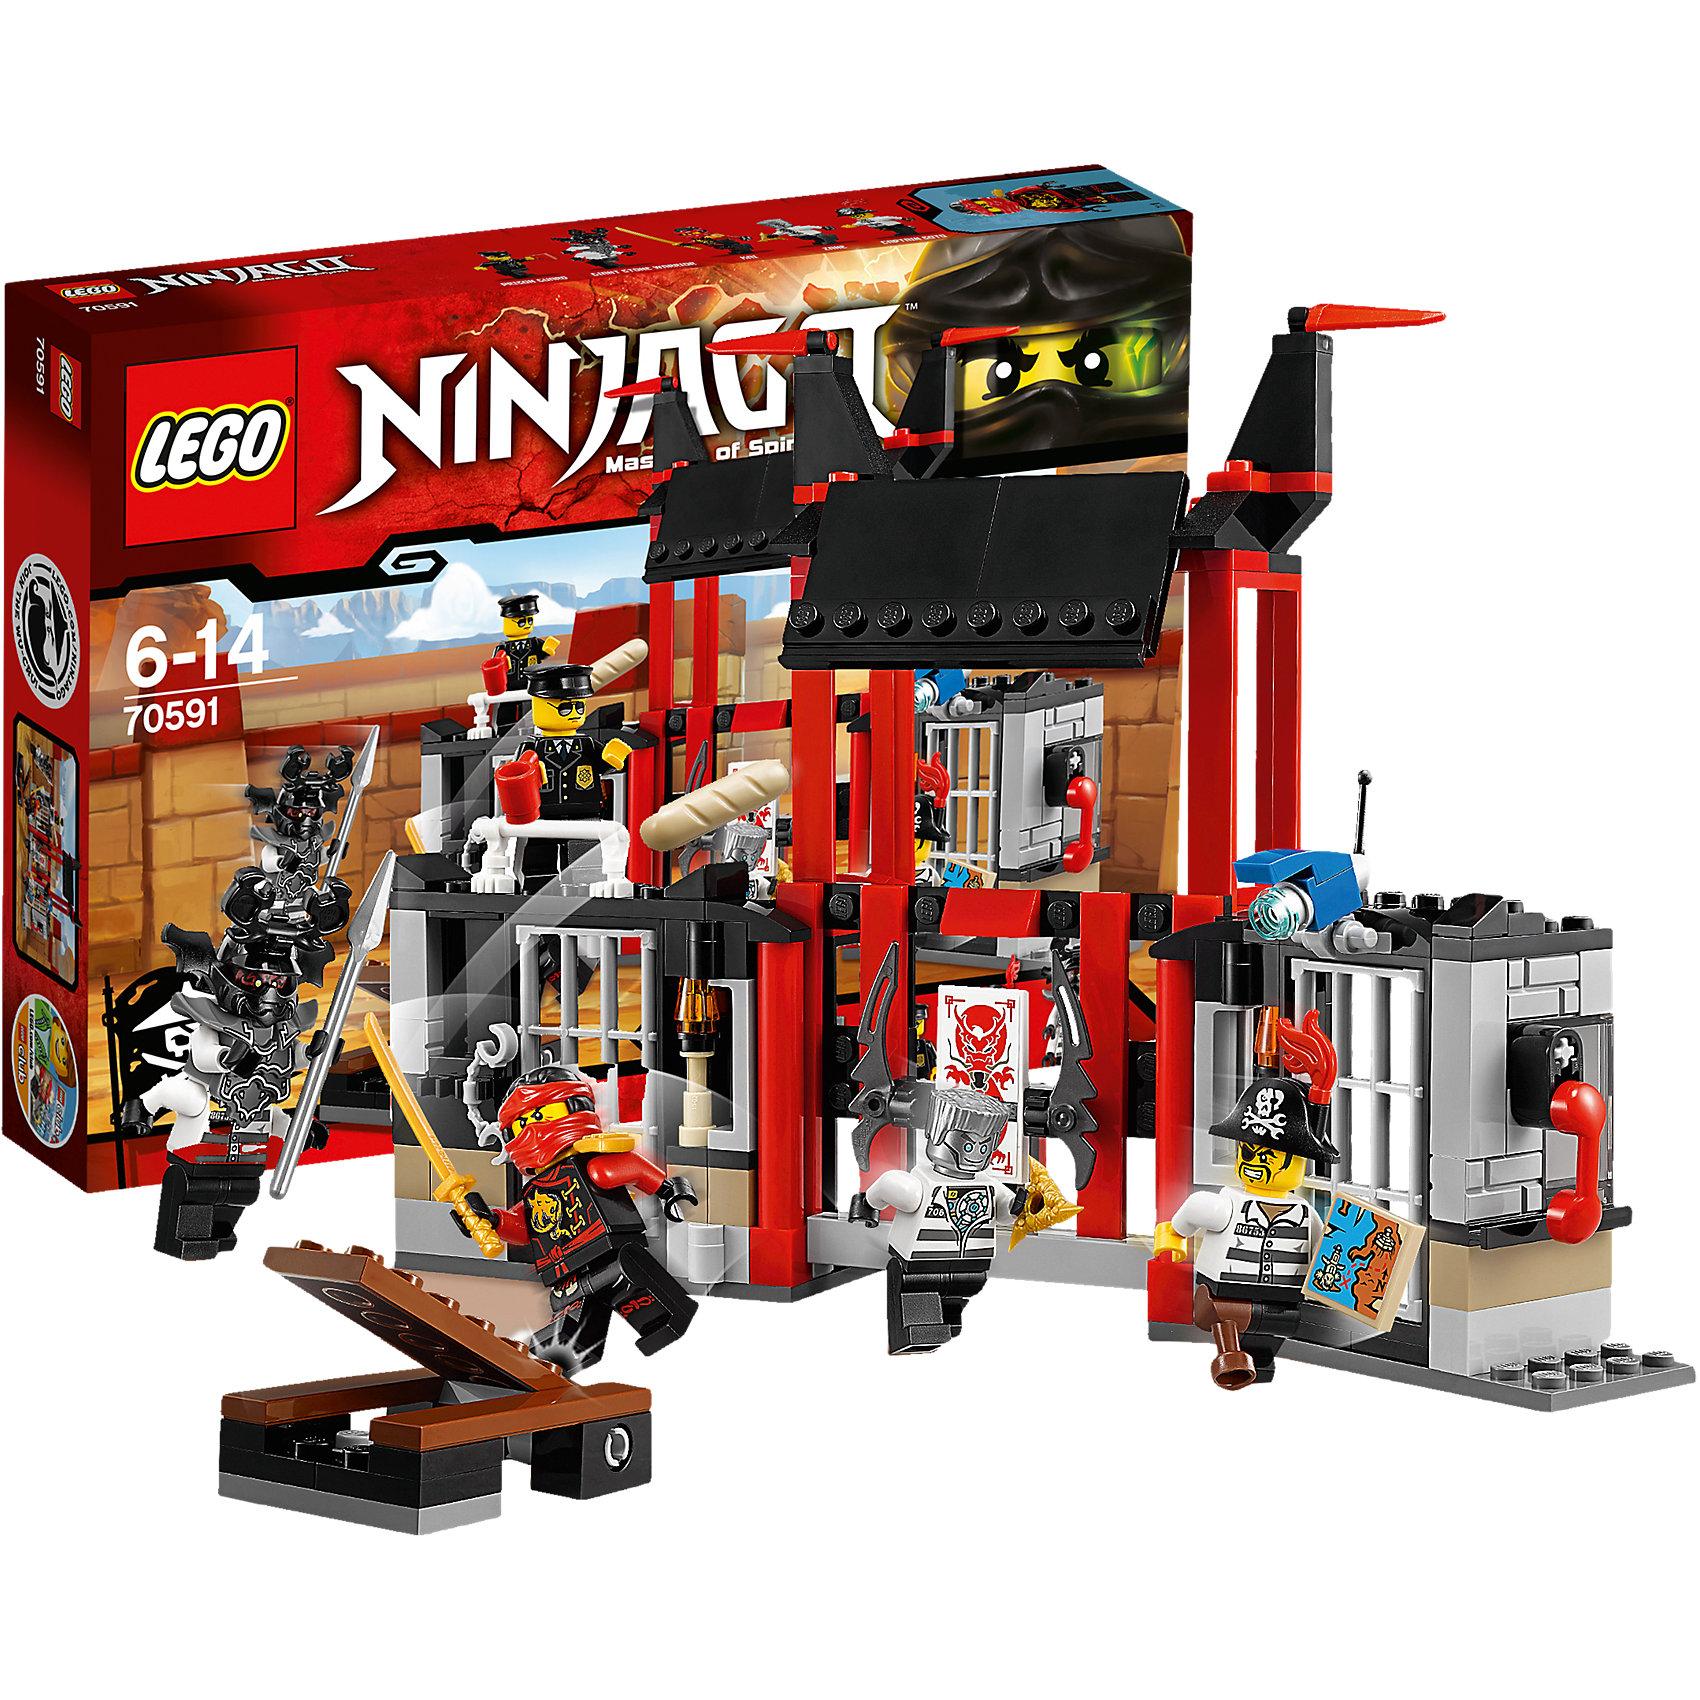 LEGO NINJAGO 70591: Побег из тюрьмы КриптариумПластмассовые конструкторы<br>Приключения и конструкторы обожает множество современных мальчишек, поэтому набор Лего, из которого можно собрать интересный сюжет, обязательно порадует ребенка. Такие игрушки помогают детям развивать воображение, мелкую моторику, логику и творческое мышление.<br>Набор состоит из множества деталей, с помощью которых можно  собрать декорации для игр, а также в нем есть фигурки любимых персонажей! С таким комплектом можно придумать множество игр!<br><br>Дополнительная информация:<br><br>цвет: разноцветный;<br>размер коробки: 26 х 5 х 19 см;<br>вес: 317 г;<br>материал: пластик;<br>количество деталей: 207.<br><br>Набор Побег из тюрьмы Криптариум от бренда LEGO NINJAGO можно купить в нашем магазине.<br><br>Ширина мм: 264<br>Глубина мм: 190<br>Высота мм: 48<br>Вес г: 345<br>Возраст от месяцев: 72<br>Возраст до месяцев: 168<br>Пол: Мужской<br>Возраст: Детский<br>SKU: 4641242